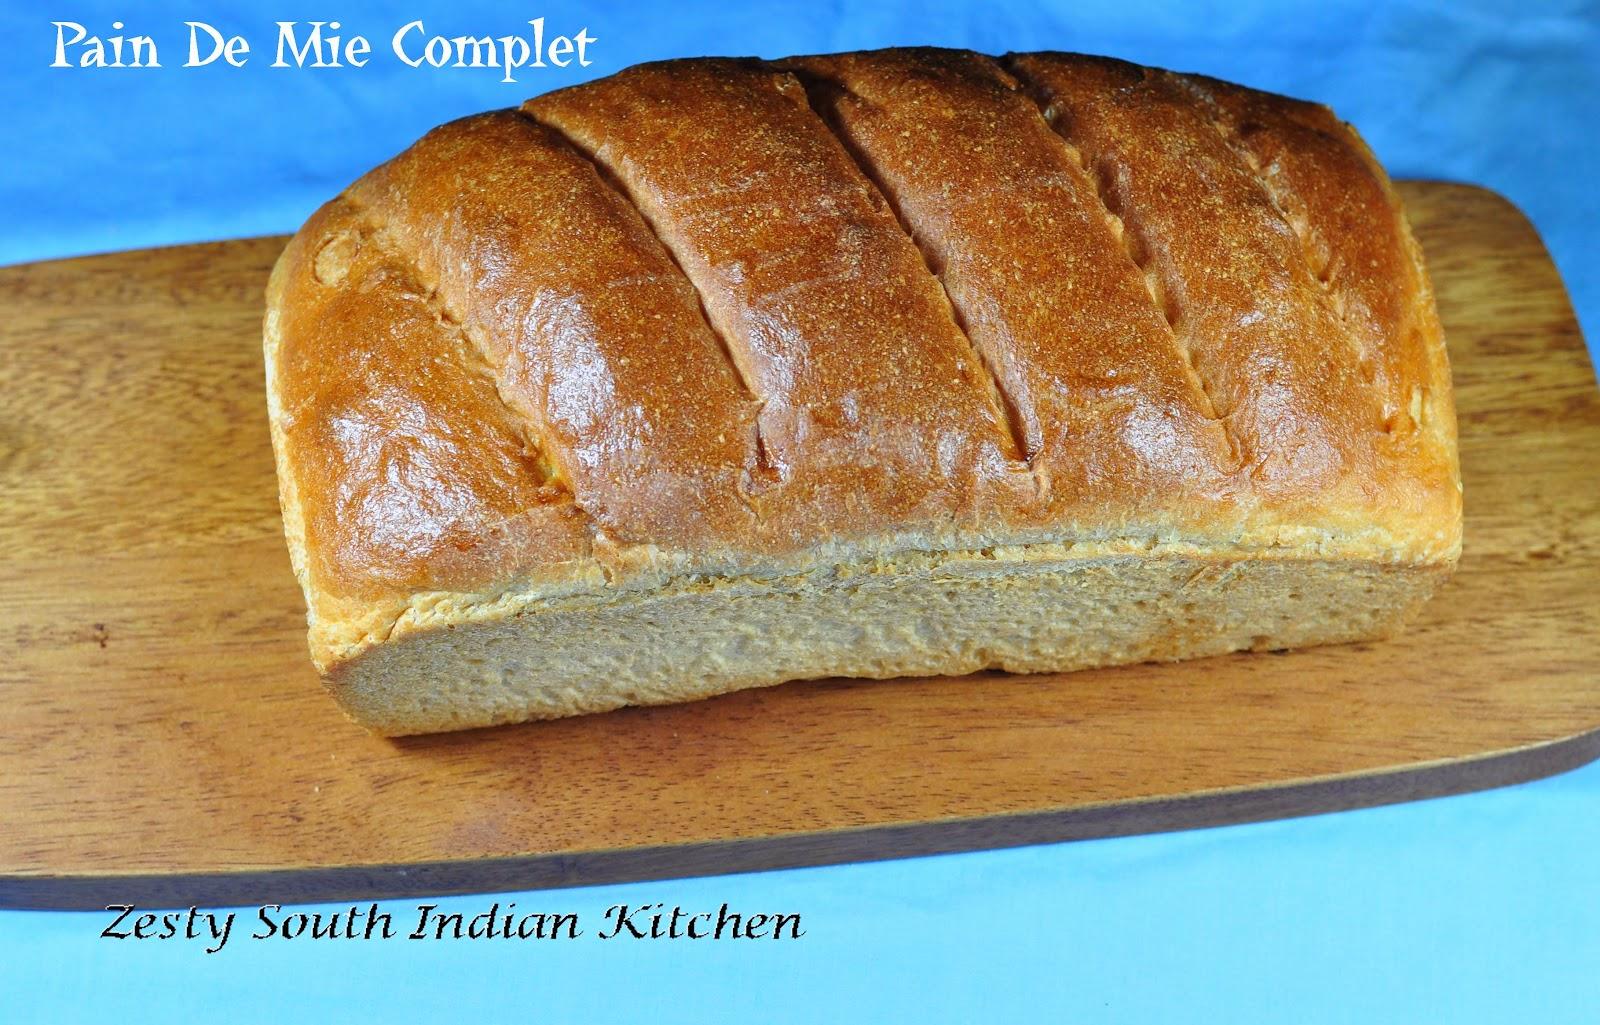 Pain De Mie Complet: A White Whole Wheat Sandwich Bread ...  Pain De Mie Com...